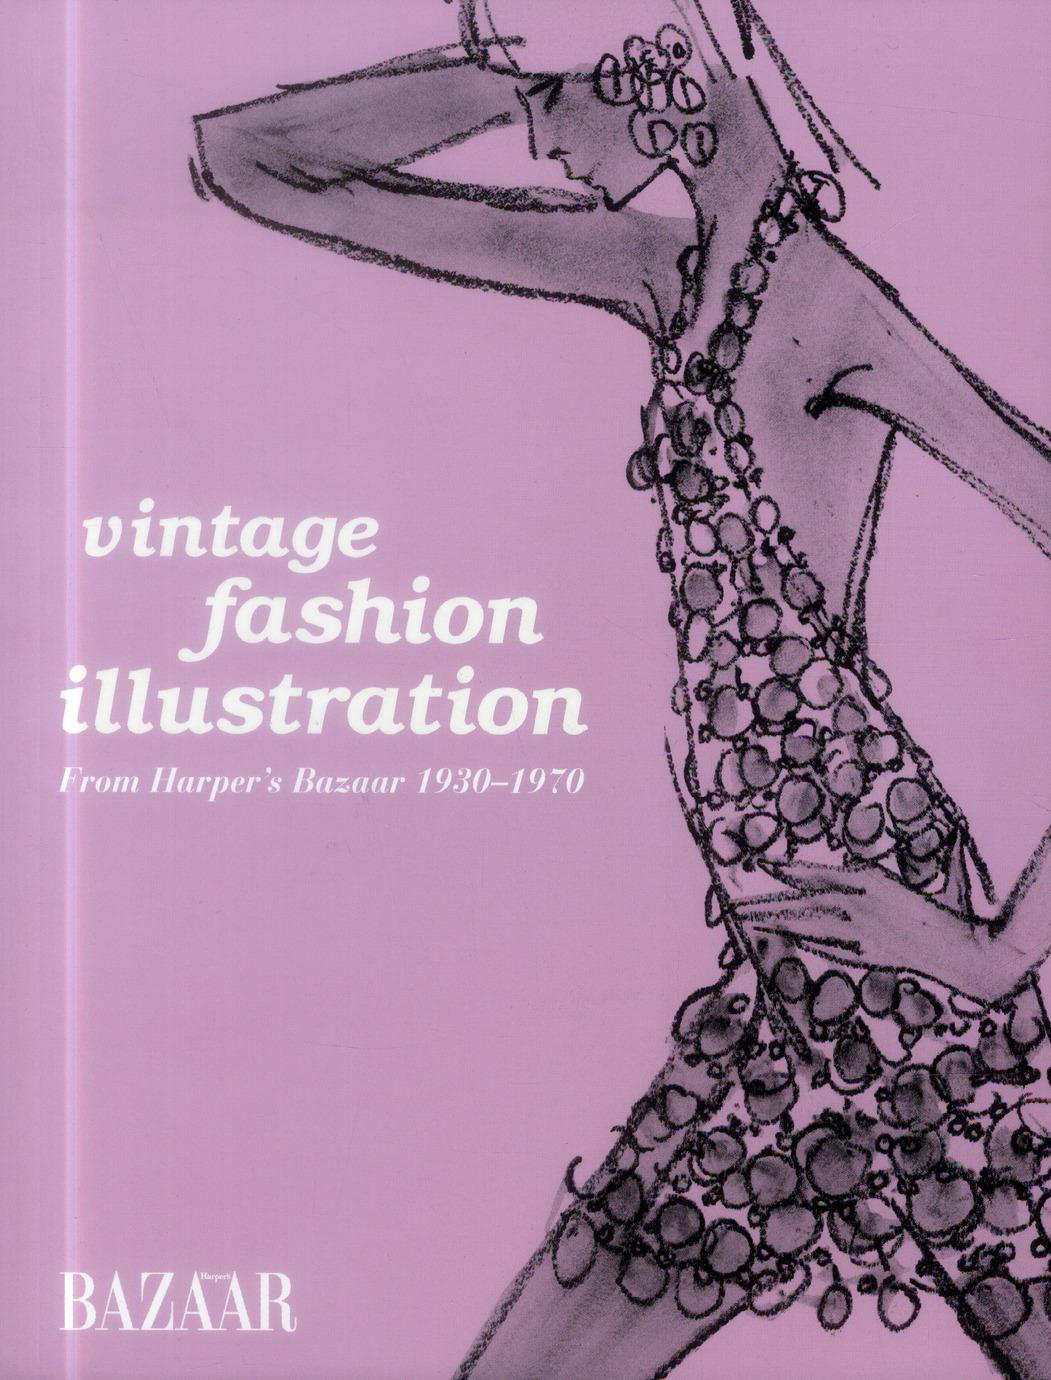 VINTAGE FASHION ILLUSTRATION. FROM HARPER'S BAZAAR 1930-1970 - FROM HARPER'S BAZAAR 1930-1970.